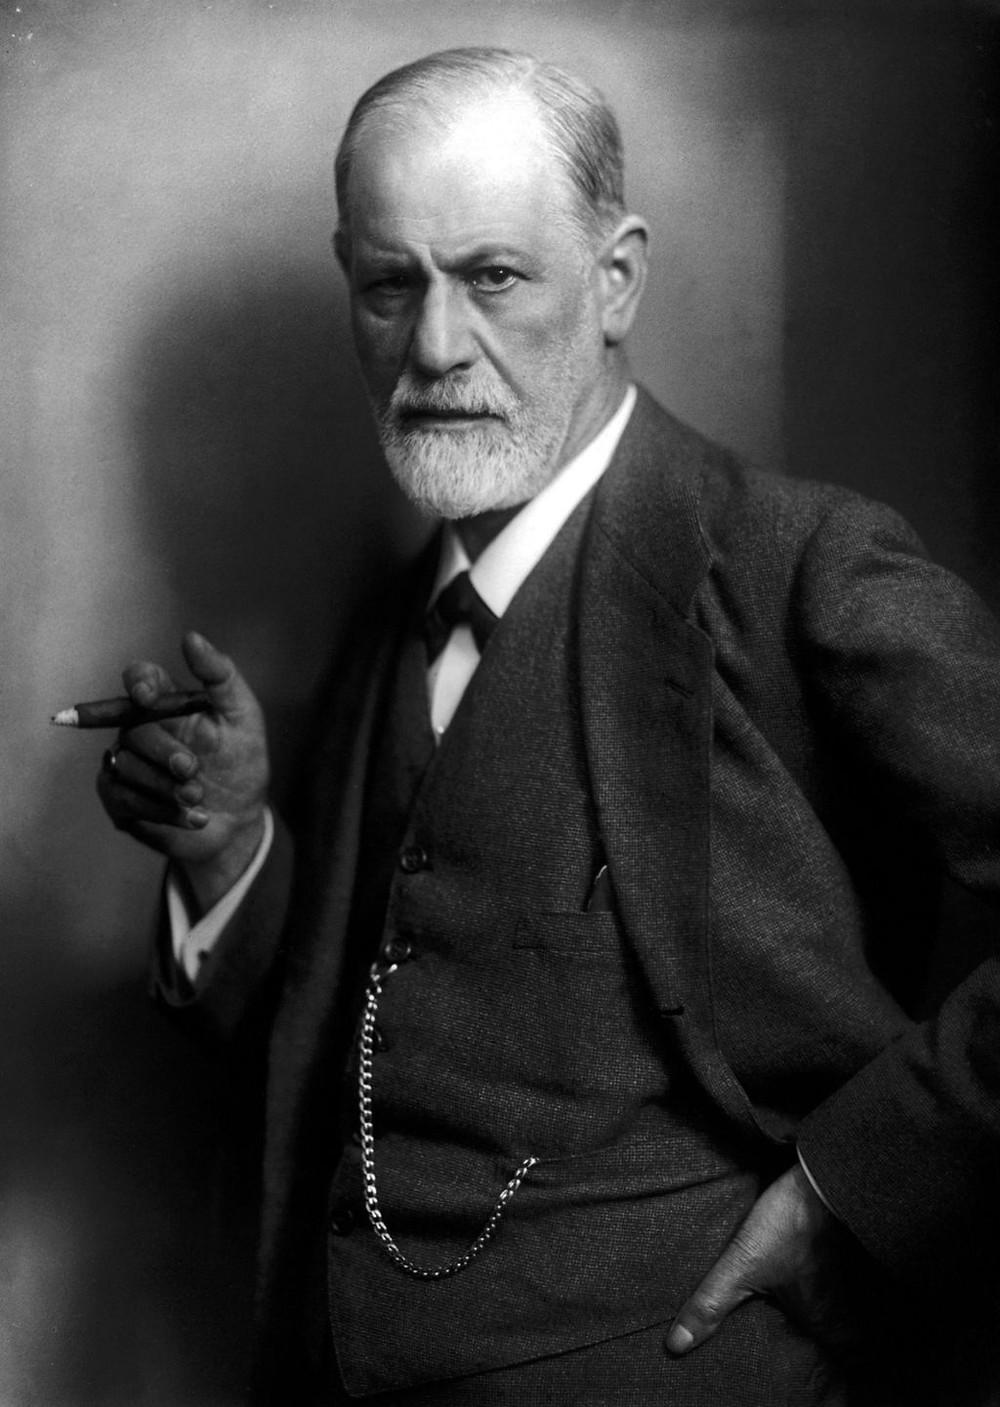 Psychoanalyse / Hypnoanalyse / Freud